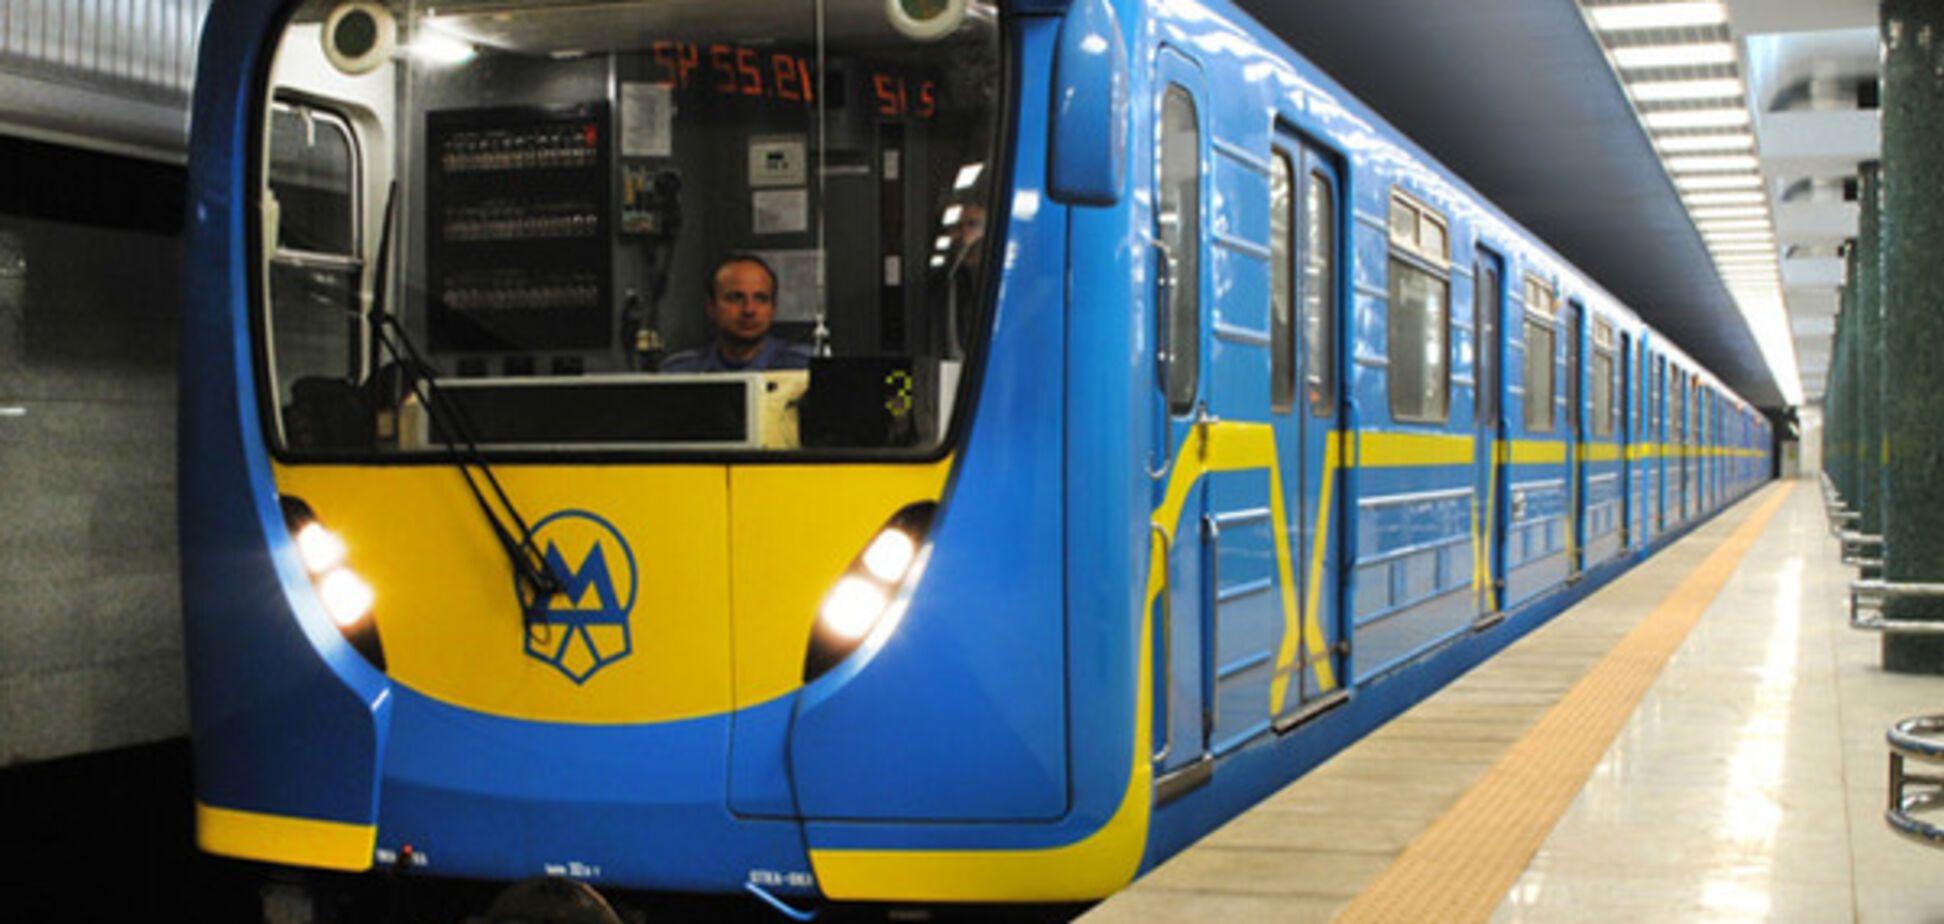 Всего за одним жетоном: в метро Киева назрел коллапс